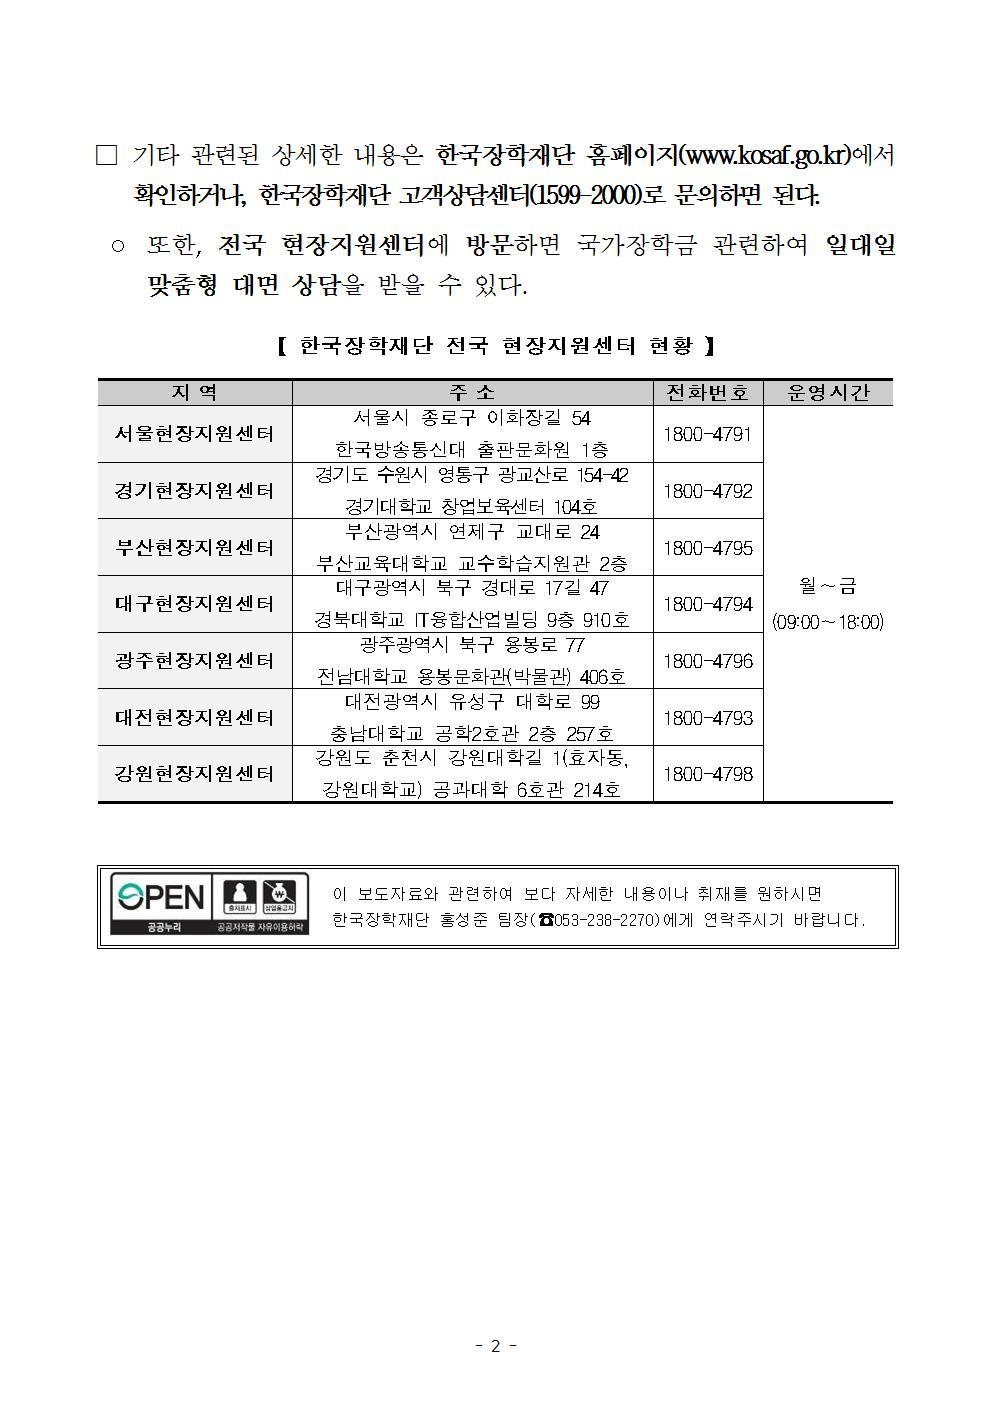 07-09(월)[보도자료] 입학금 지원 장학금 미신청자 추가 신청 접수002.jpg